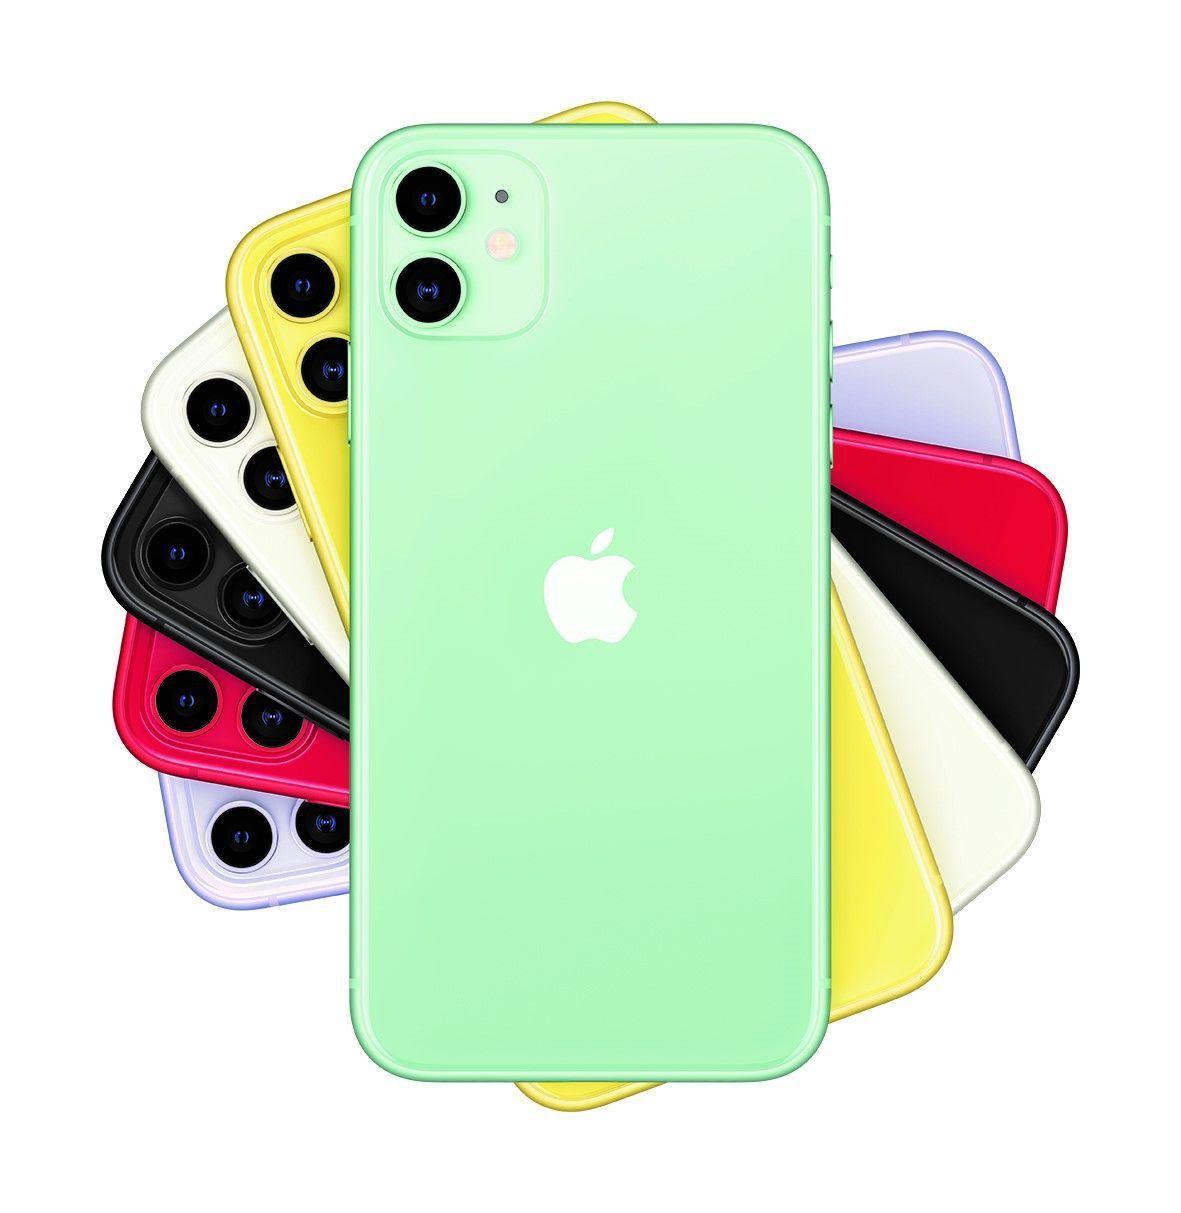 燦坤Iphone銷售最新訊息,受歡迎的顏色為夜幕綠色。圖/燦坤提供